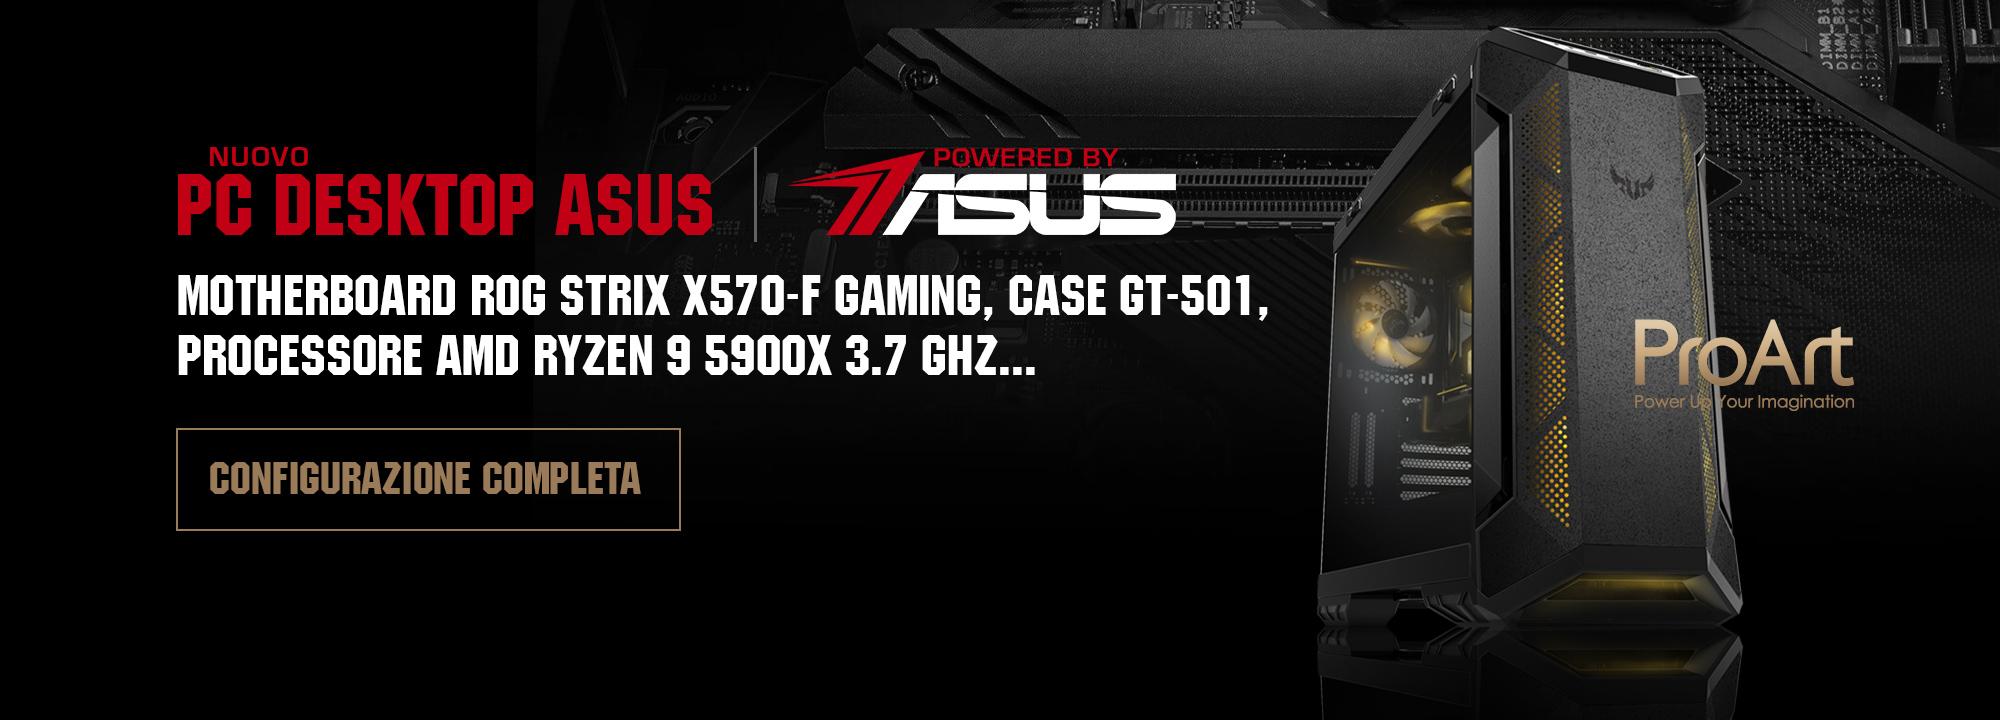 PC Gaming PBA ASUS GT501